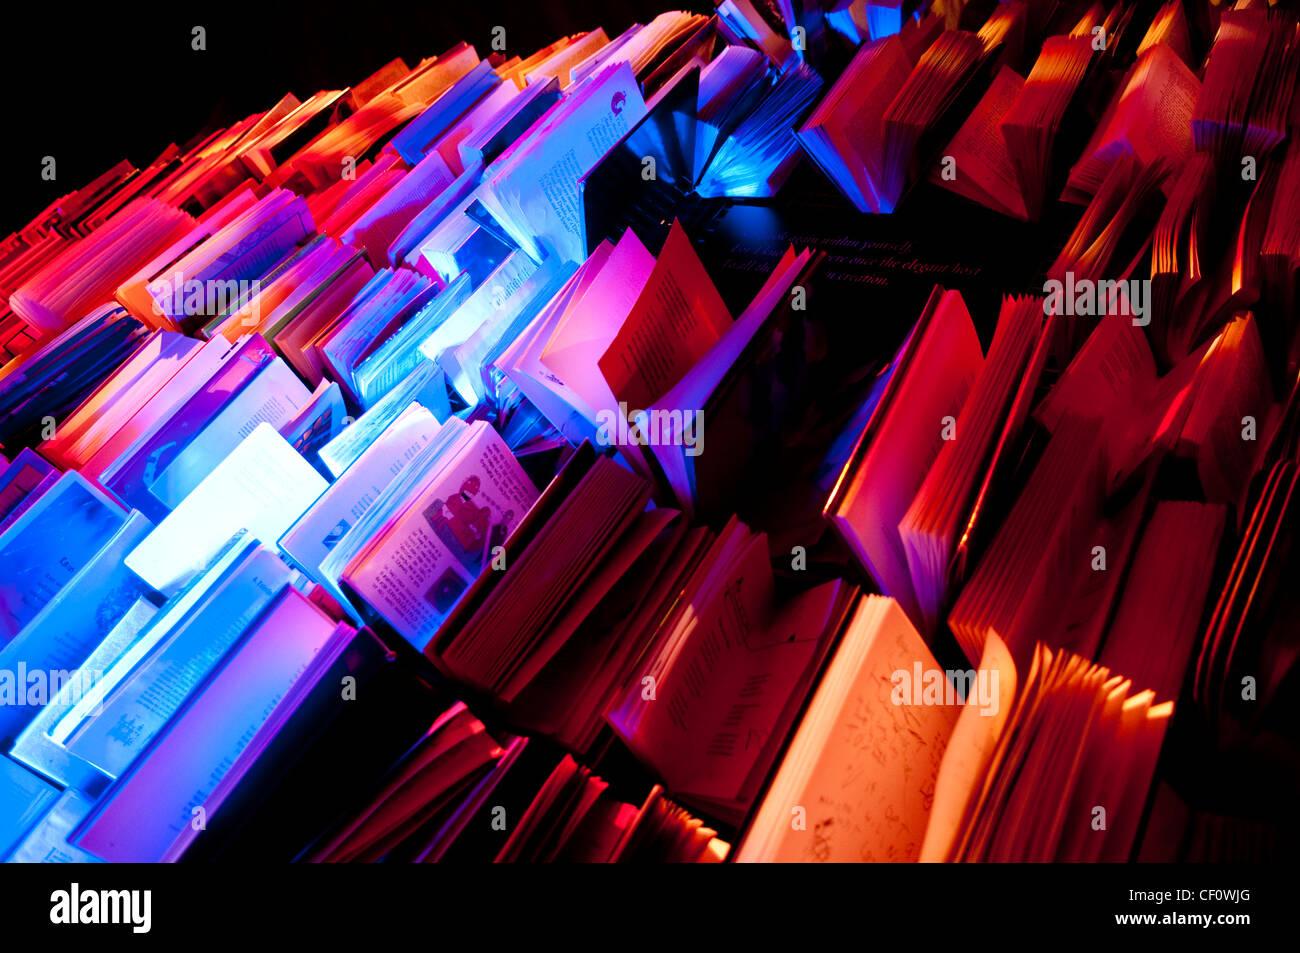 Scaffale per libri display artistico con colori diversi Immagini Stock